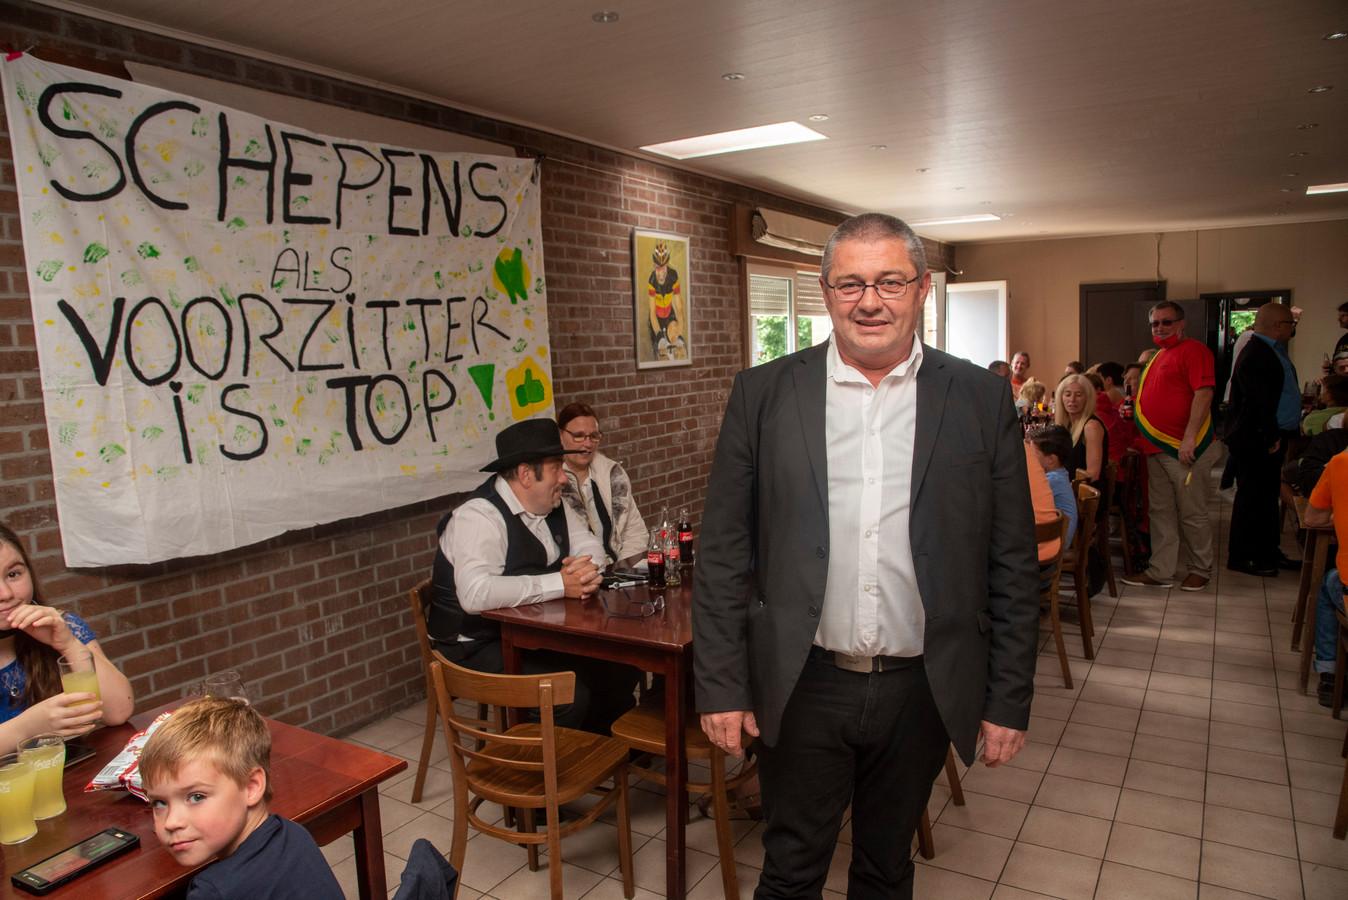 Peter Schepens is de nieuwe voorzitter van het Carnavalcomité Wetteren.